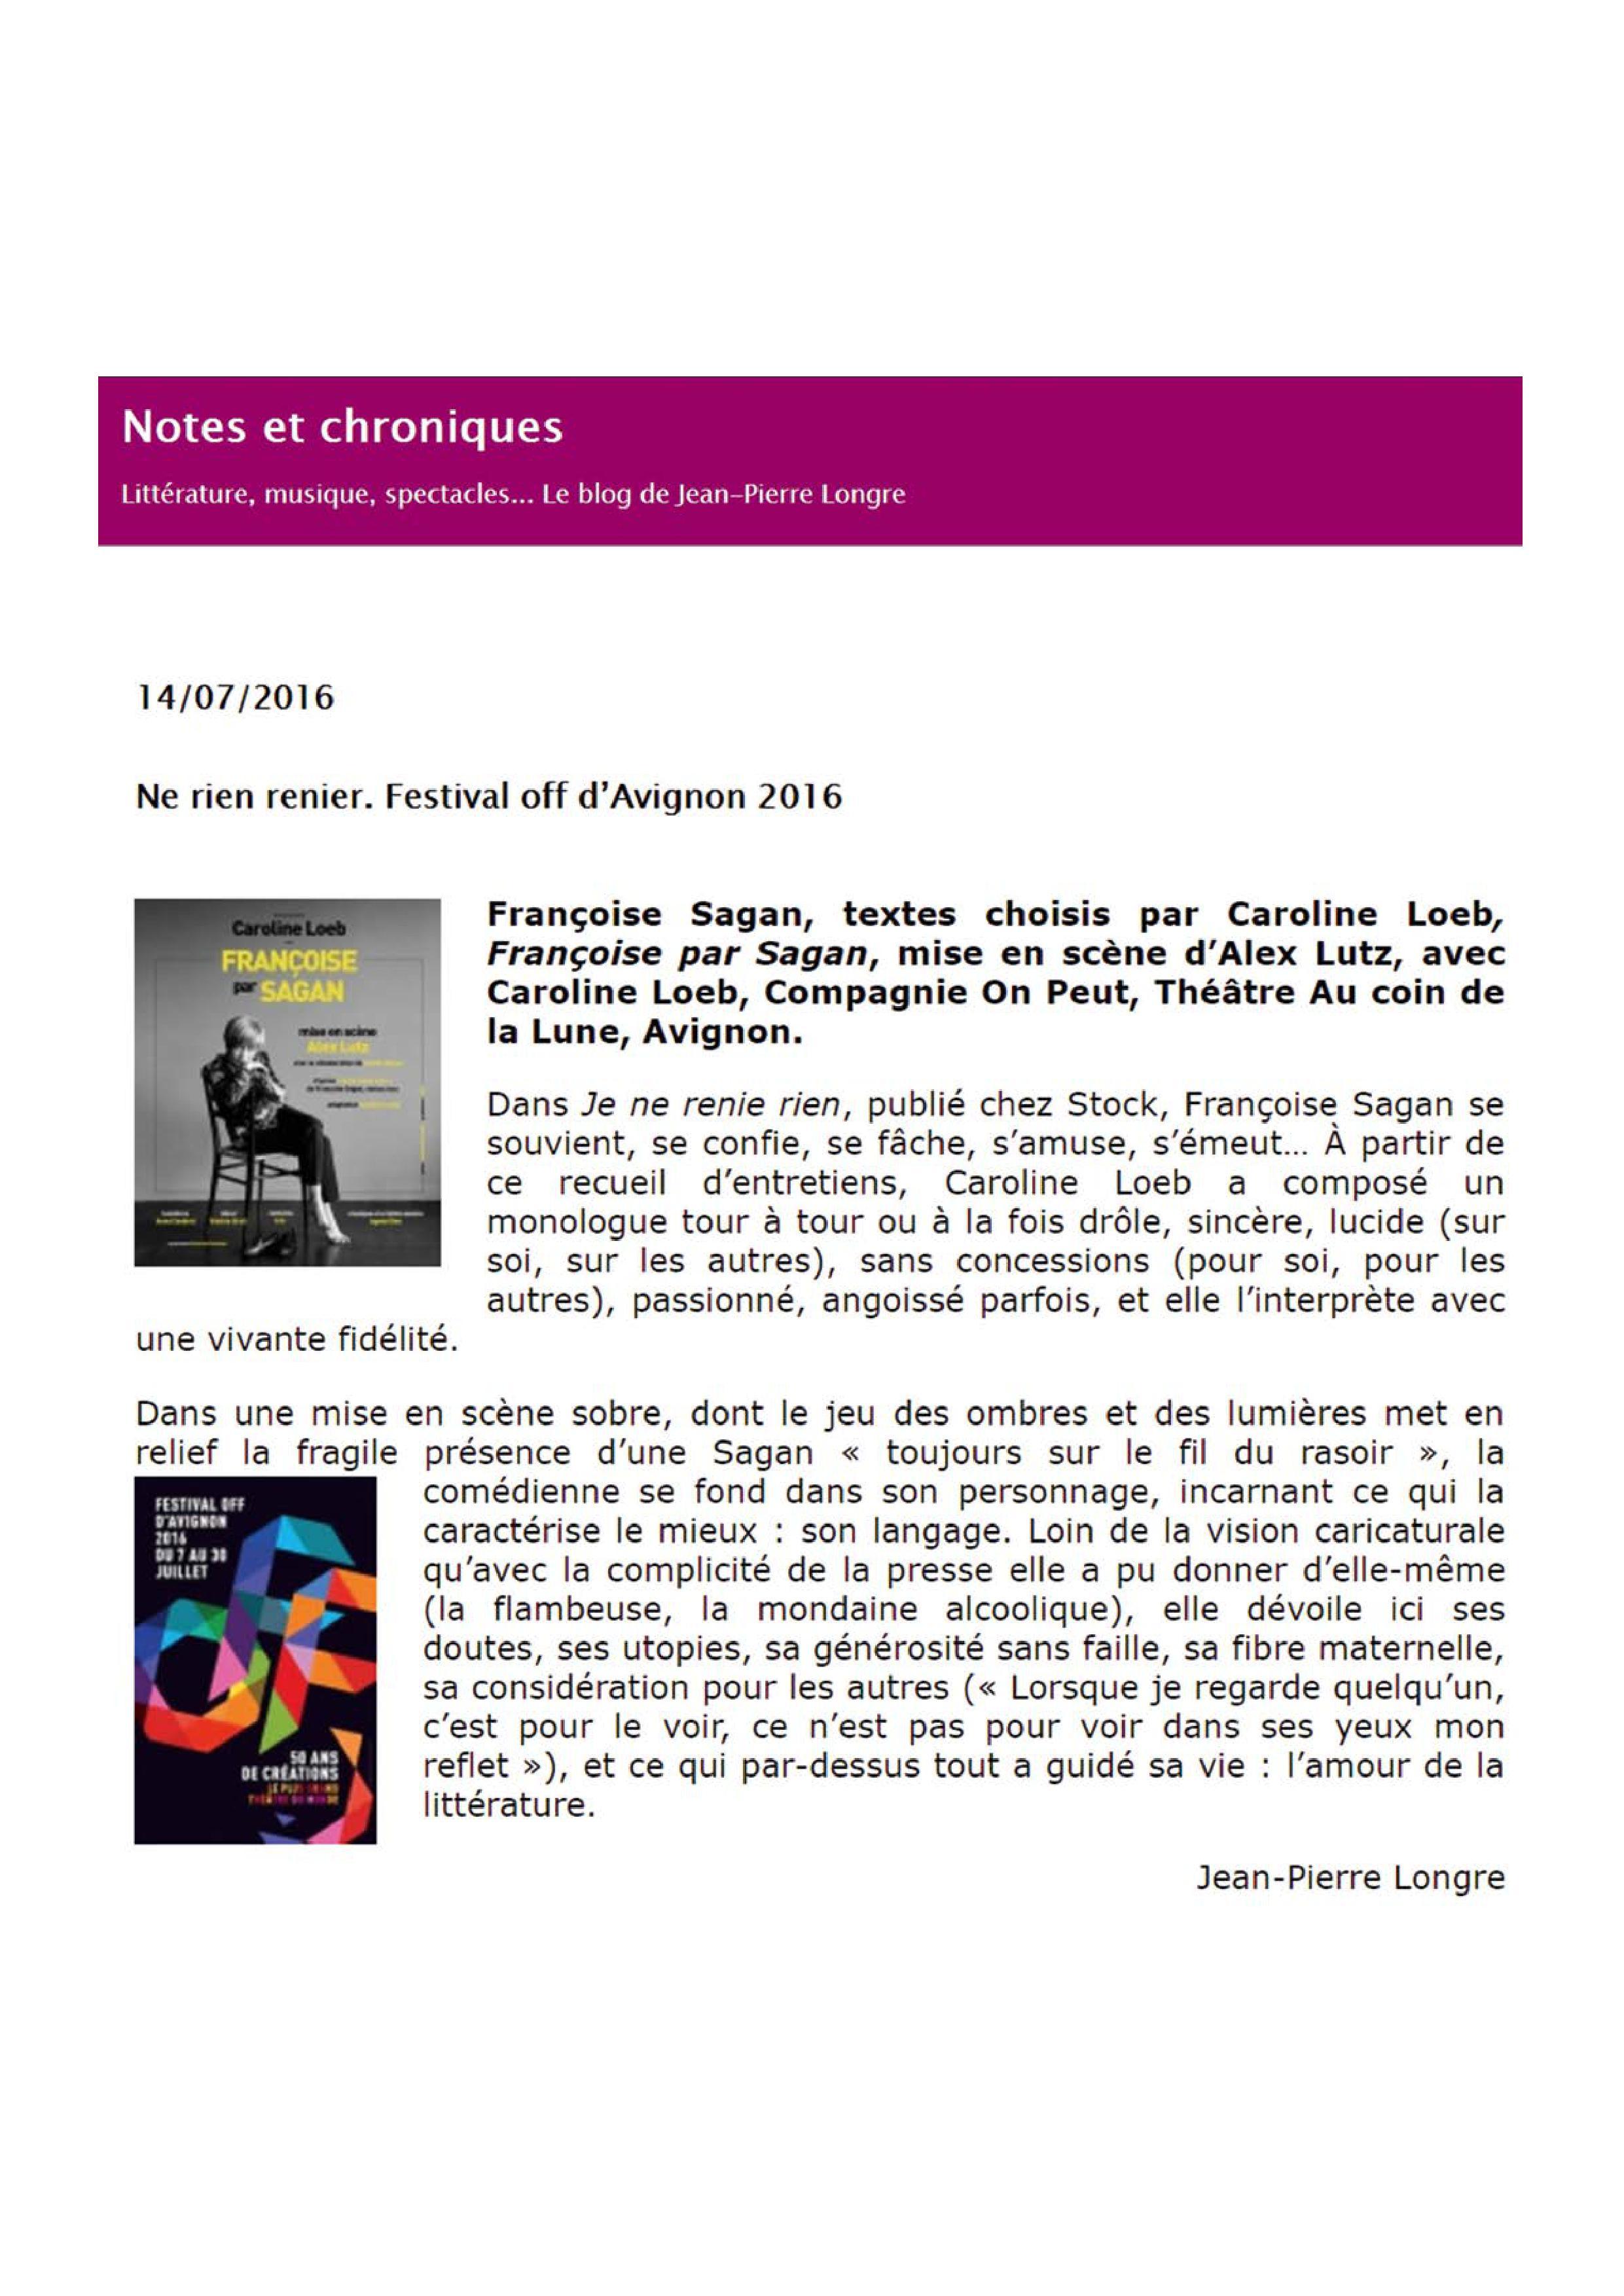 Notes et chroniques